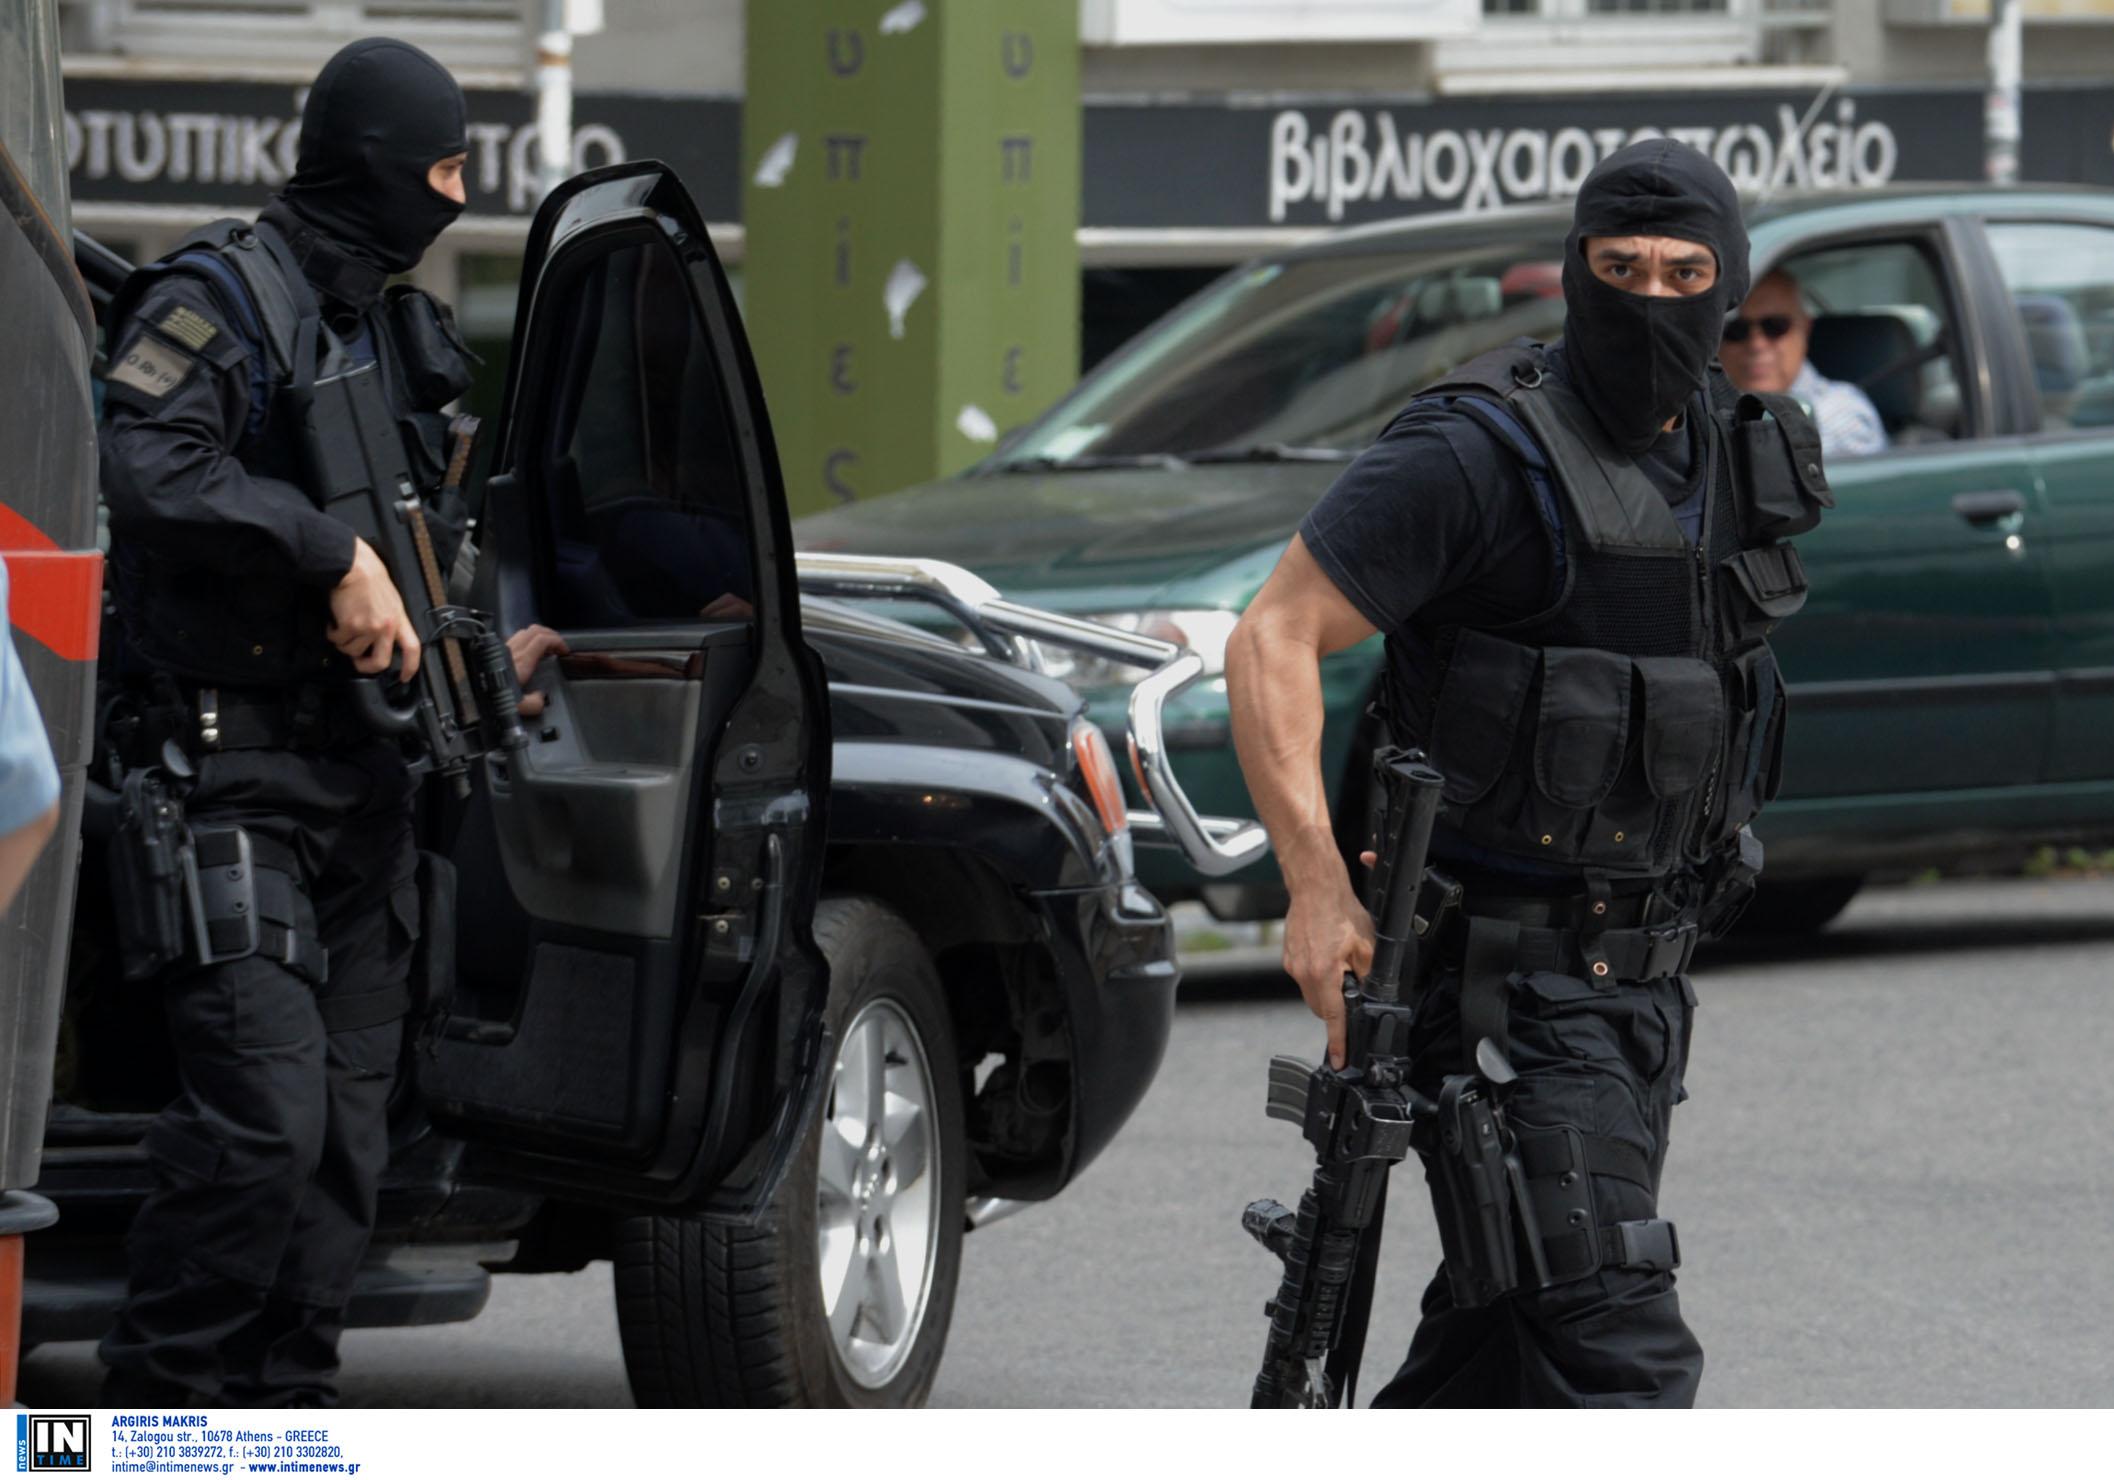 Το μεγάλο λάθος στη ληστεία στο Χολαργό που έφερε συλλήψεις - Ετοίμαζαν χτύπημα οι τρομοκράτες – Βρέθηκε το καλάσνικοφ της Επαναστατικής Αυτοάμυνας